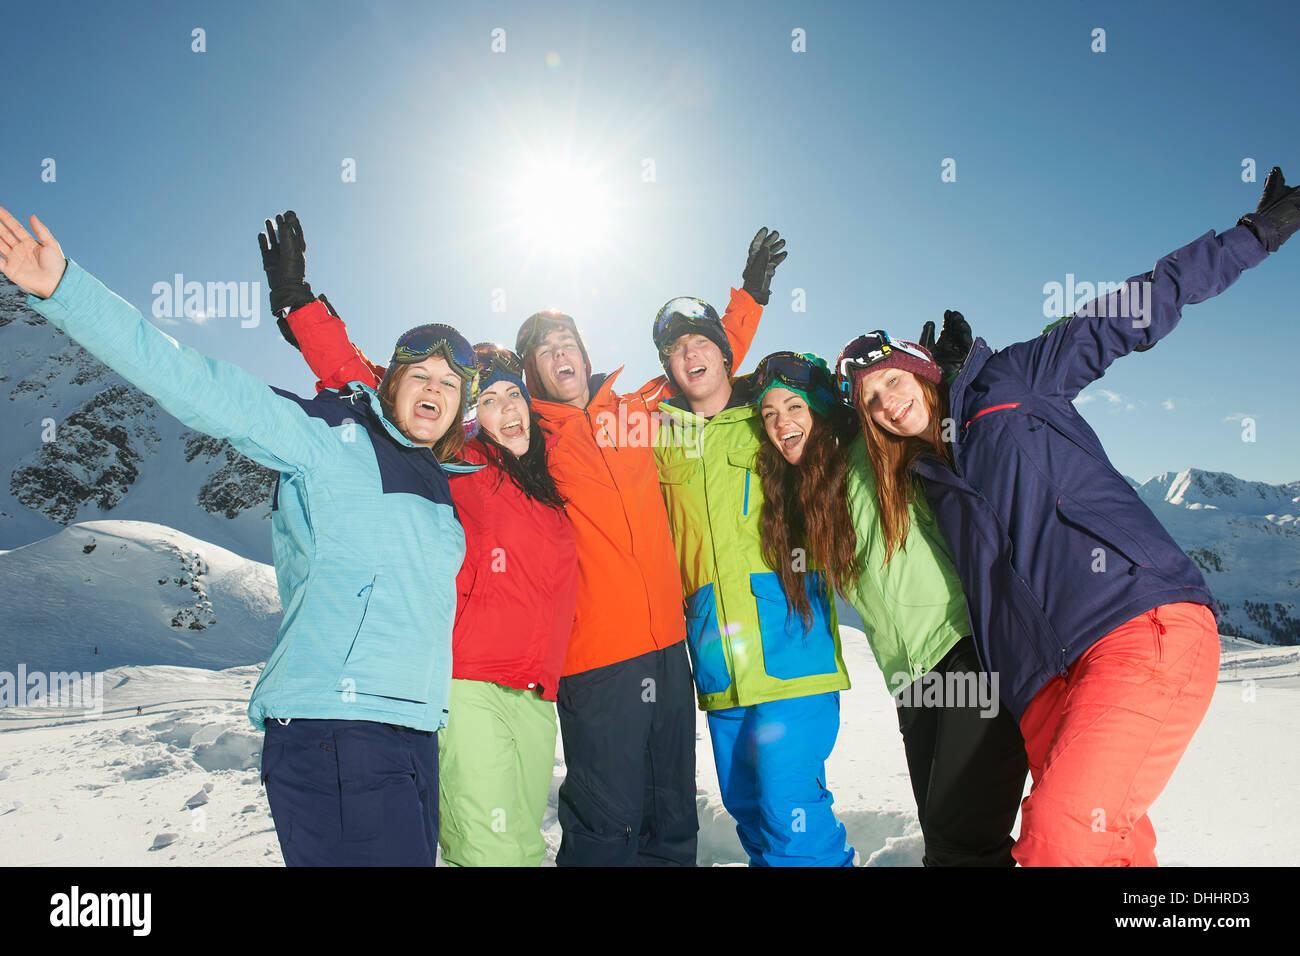 Amici sorridente con le braccia sollevate, Kuhtai, Austria Immagini Stock